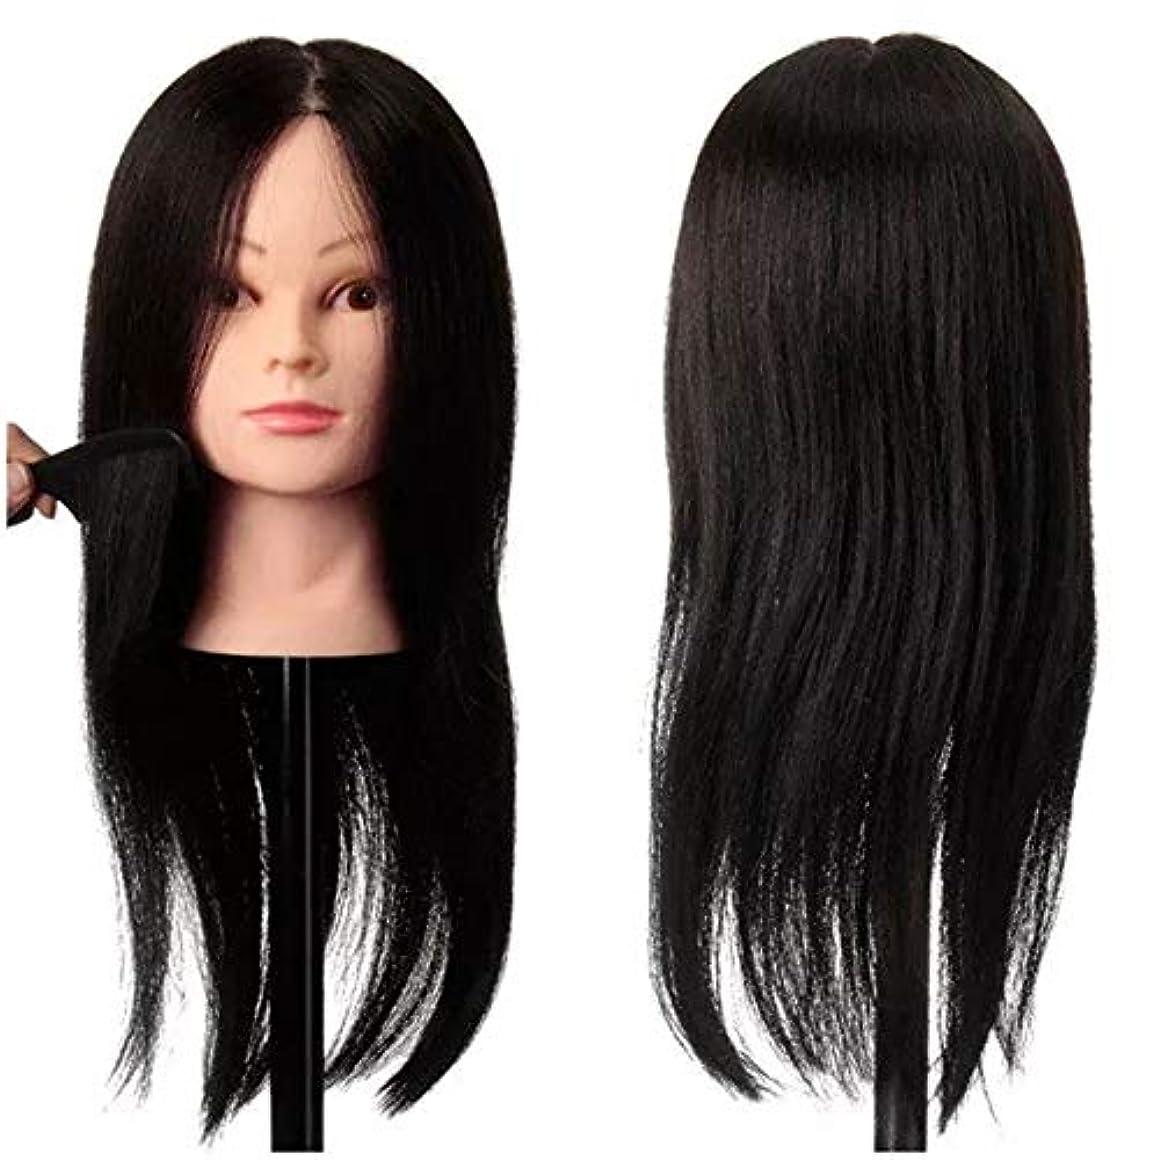 浸漬発掘蒸マネキンヘッド 100%黒の練習マネキン本物の人間の髪の毛のトレーニング頭部理髪カッティング 練習用 グマネキンヘッド (色 : ブラック, サイズ : 25*16*12cm)